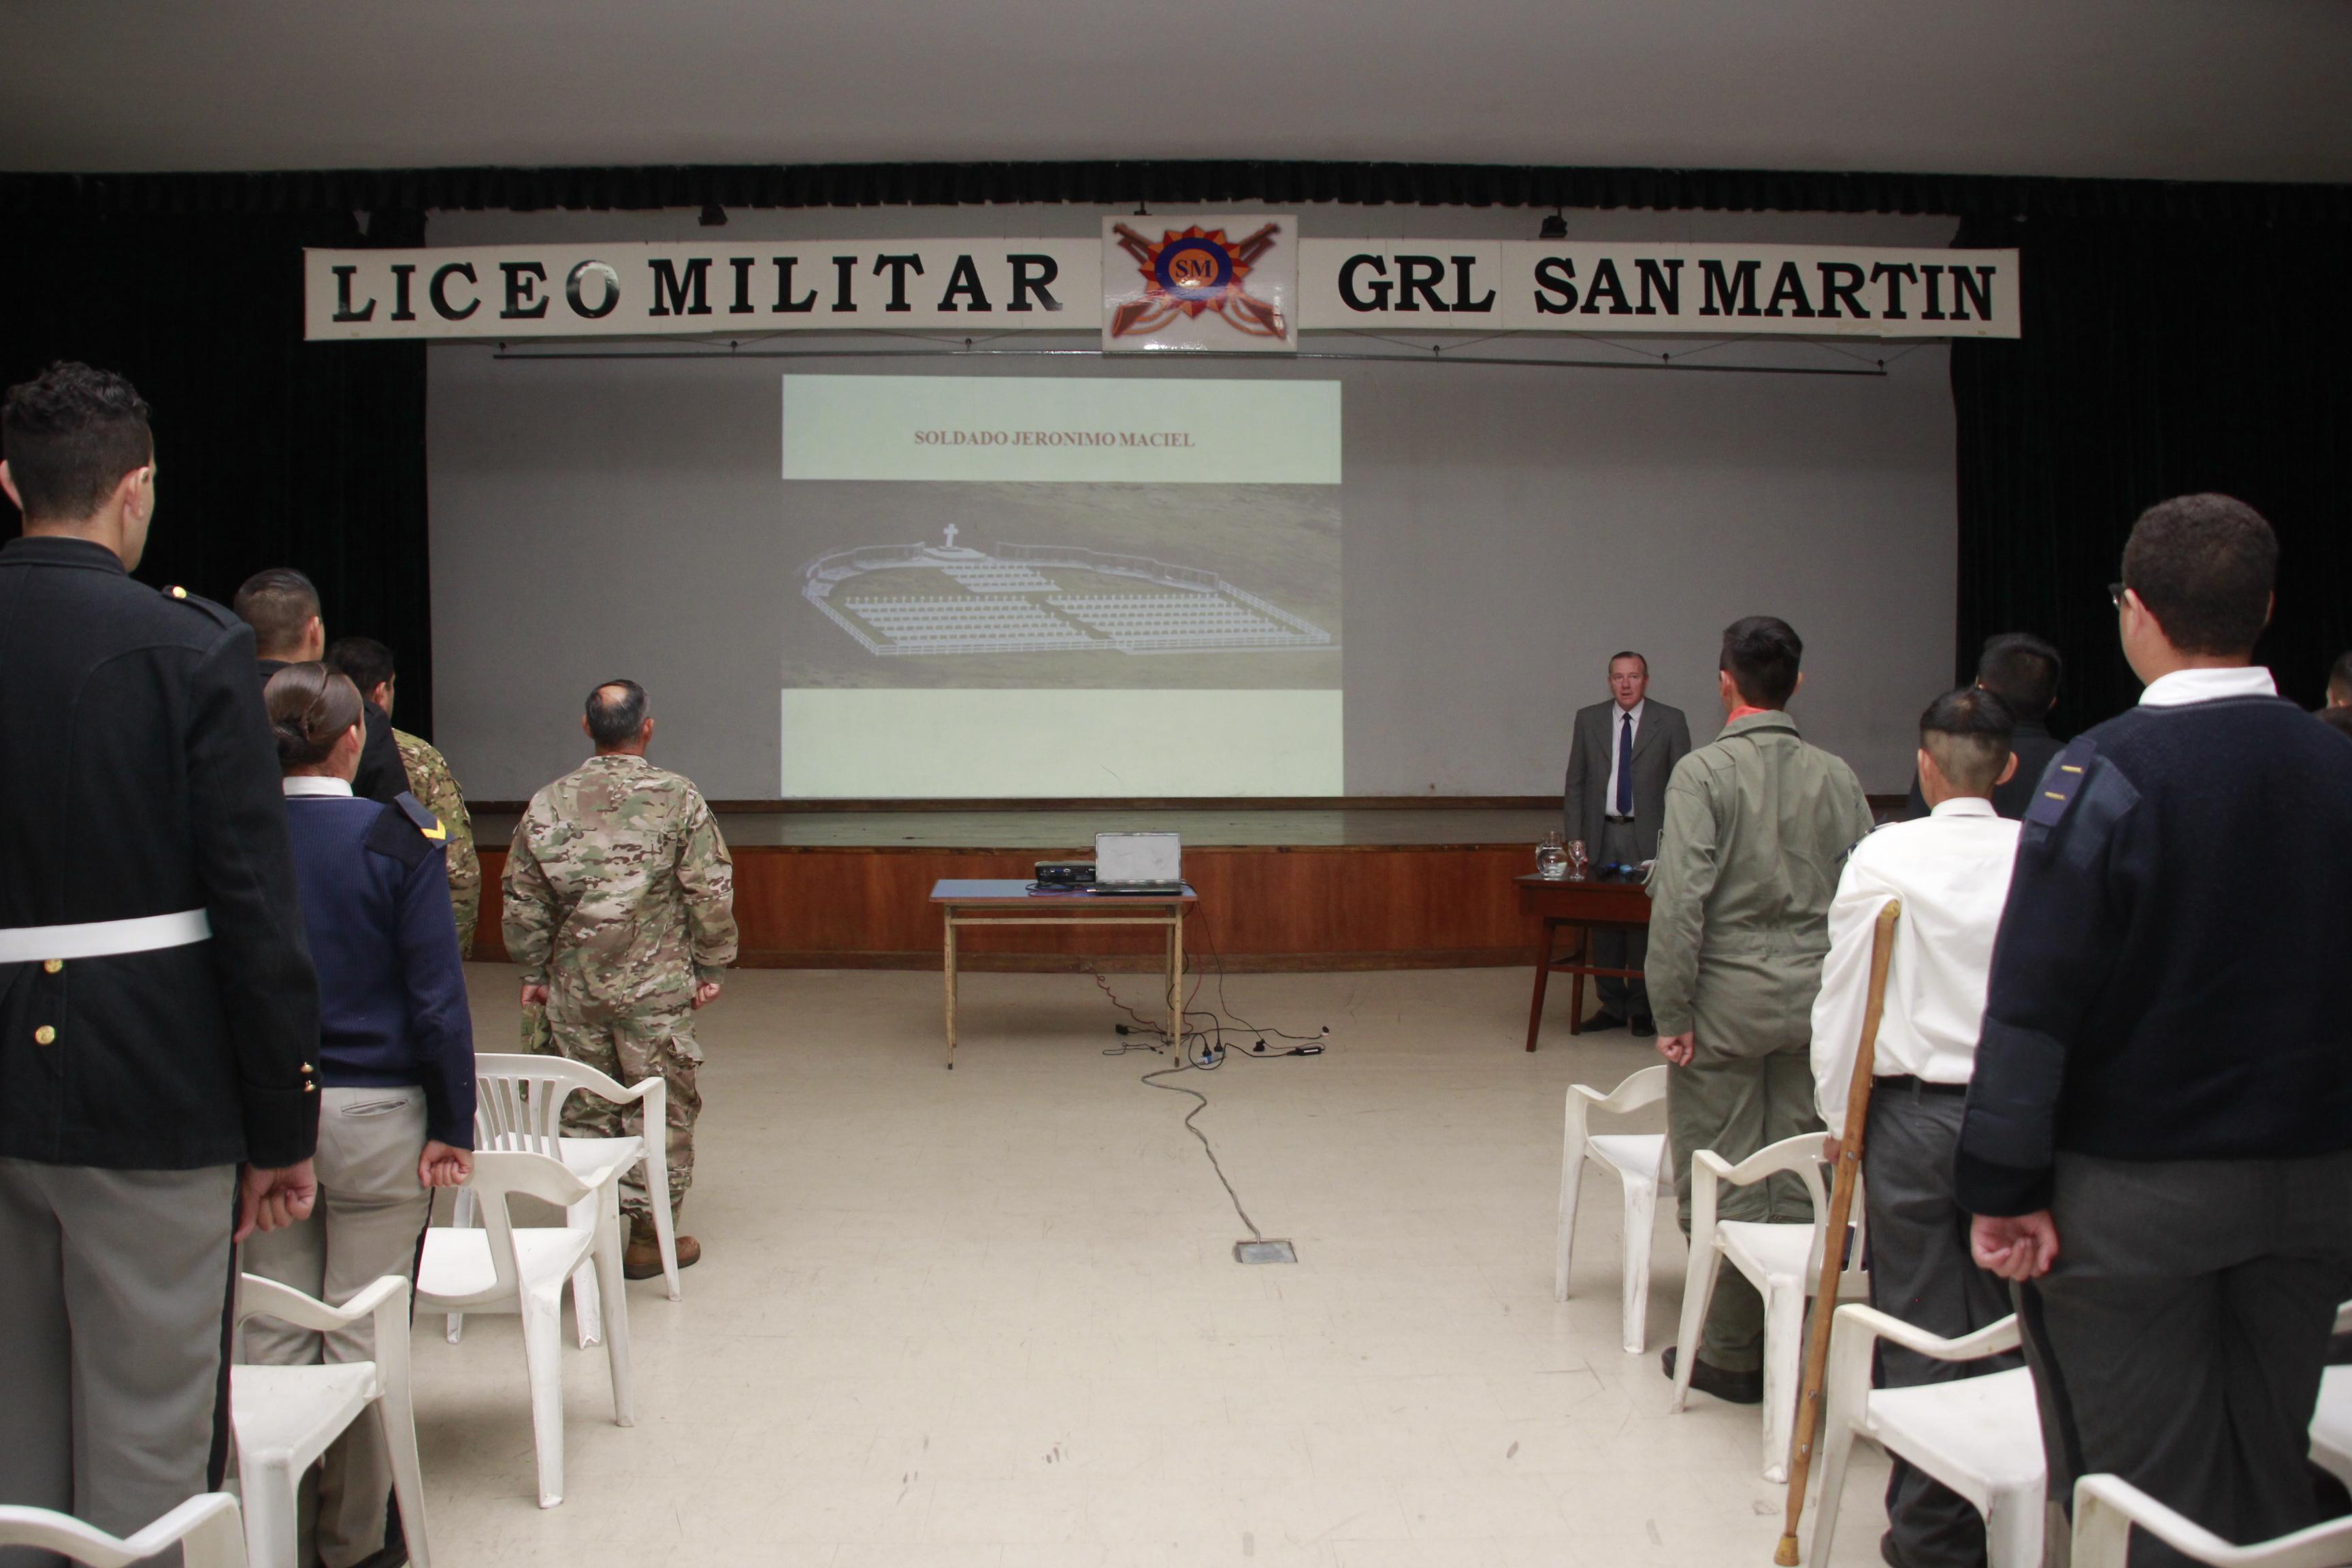 Exposición sobre Malvinas de los cadetes del Liceo Militar Grl San Martín